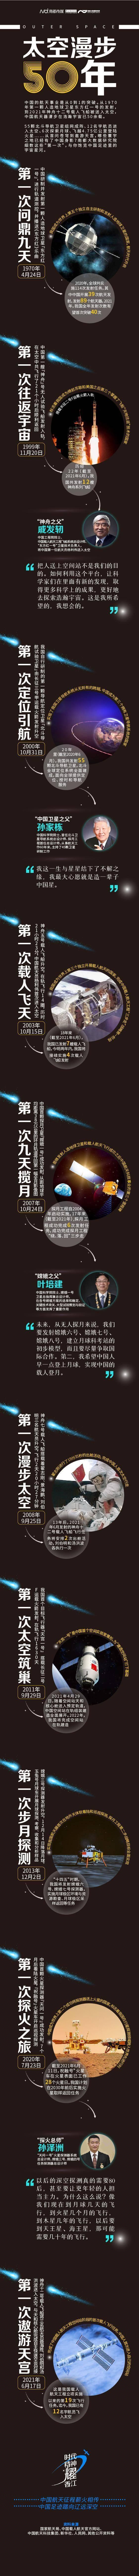 10个第一次直击星辰大海!中国太空漫步50年,感谢有你们